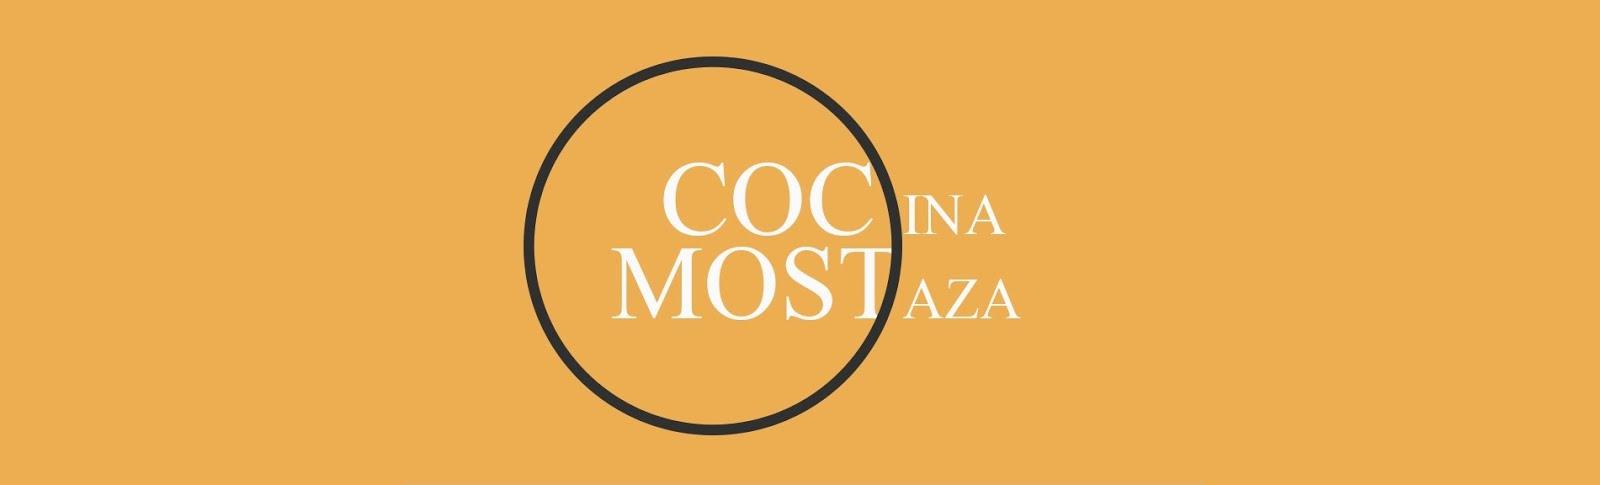 Cocina Mostaza